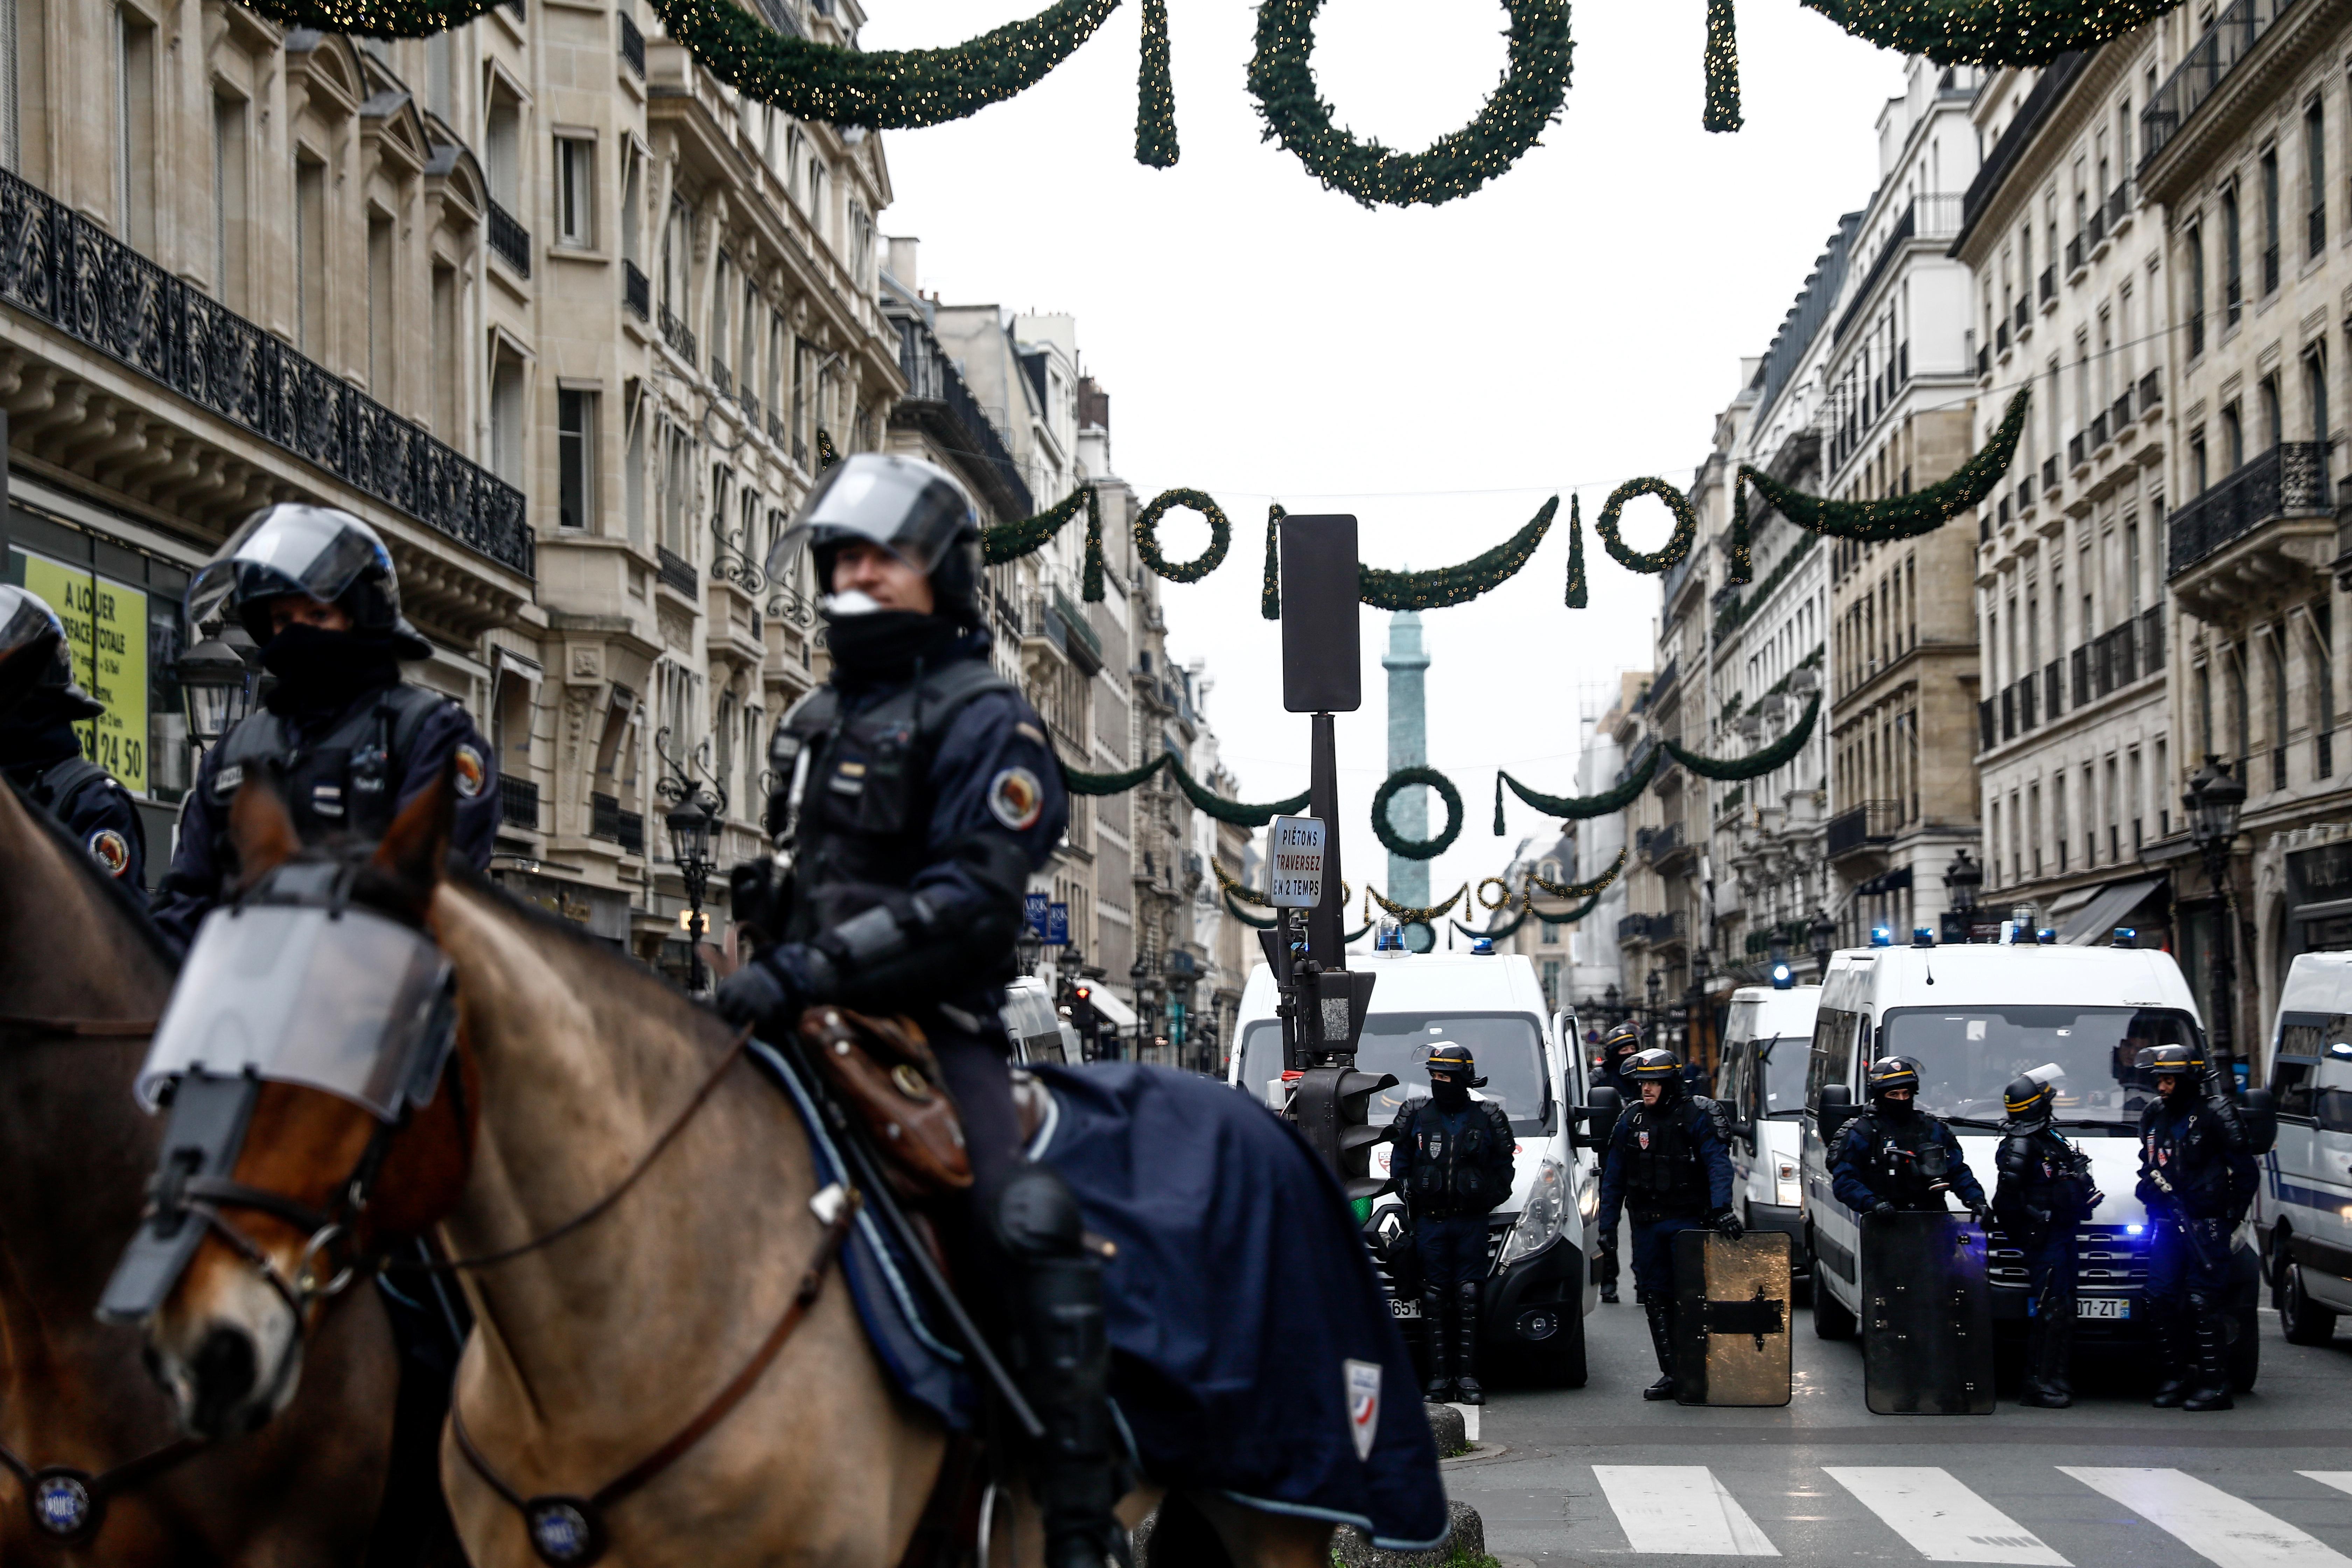 تأهب أمني استبق التظاهرات وأغلقت العديد من الشوارع من قبل الشرطة